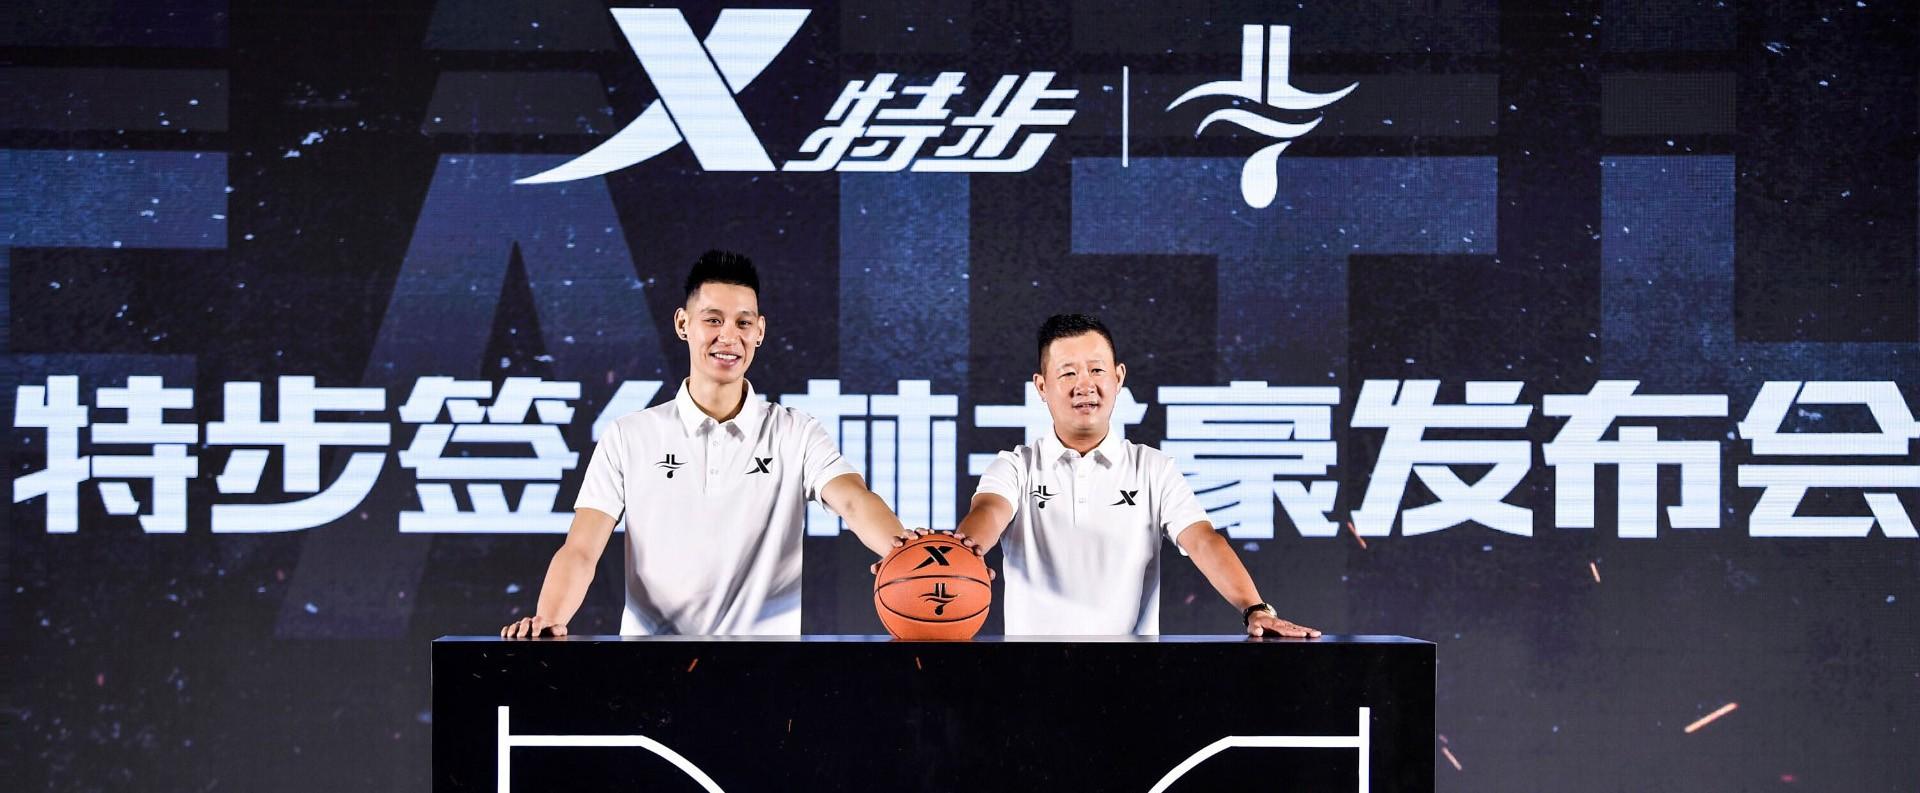 Jeremy Lin x Xtep